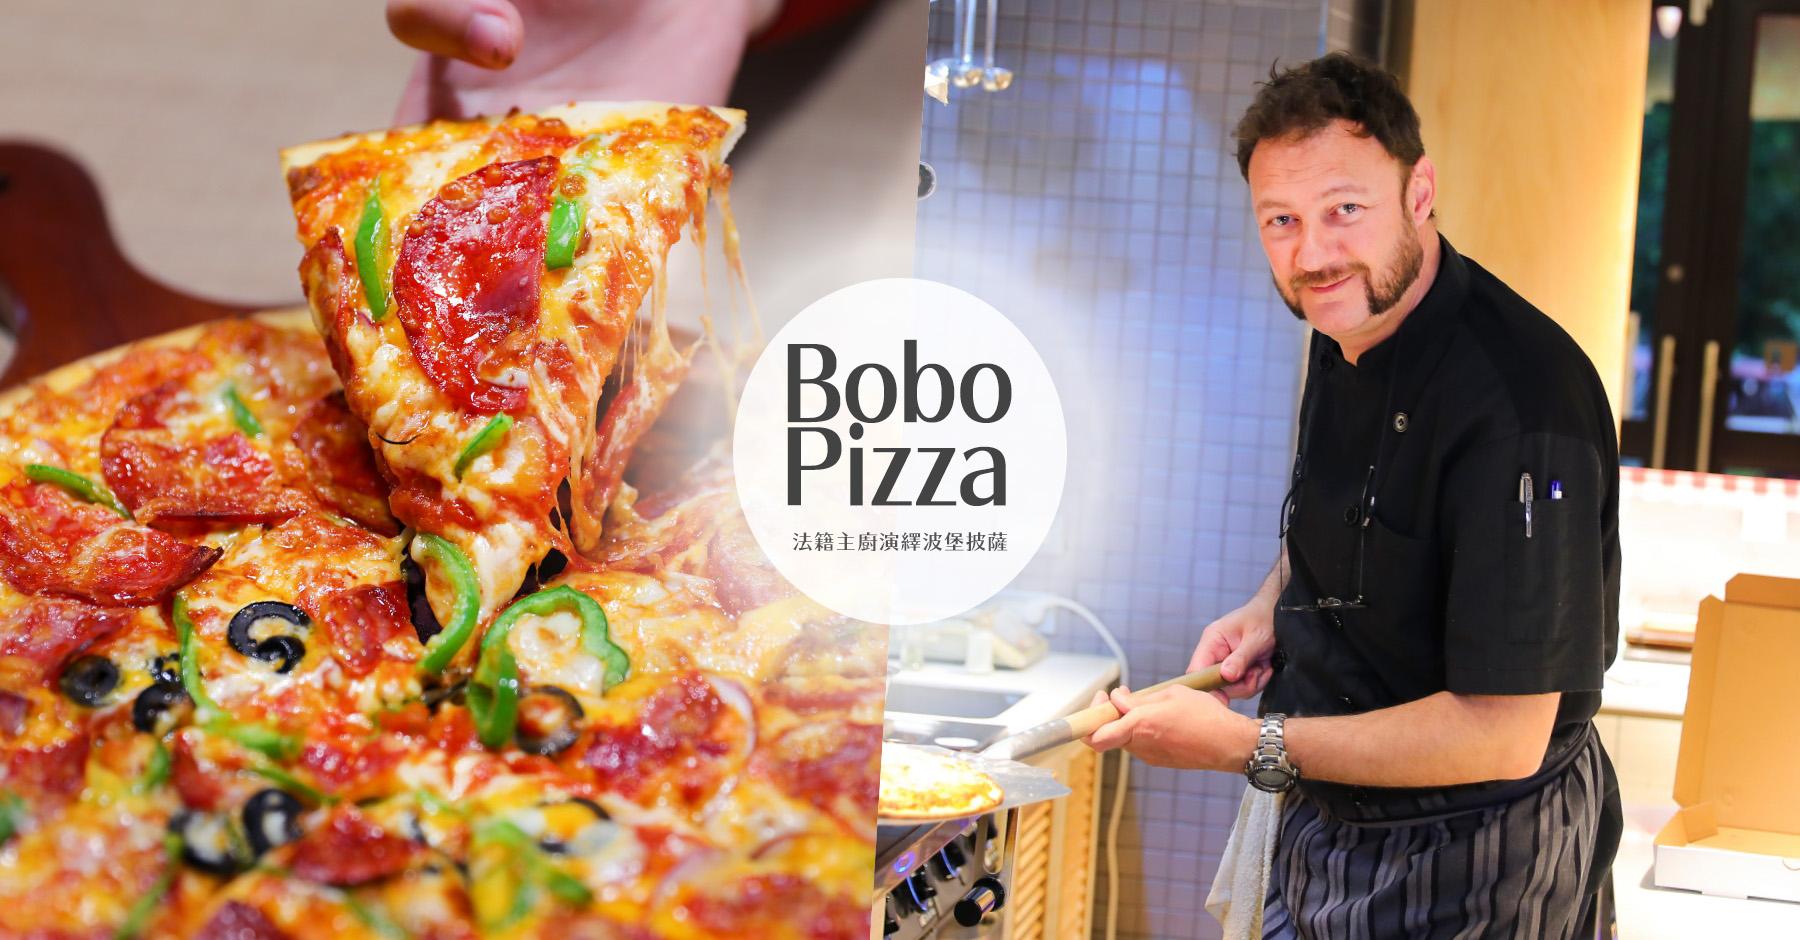 宜蘭披薩|BOBO PIZZA波堡披薩2.0|法籍主廚重新詮釋美味菜單披薩DIY宜蘭人故事館